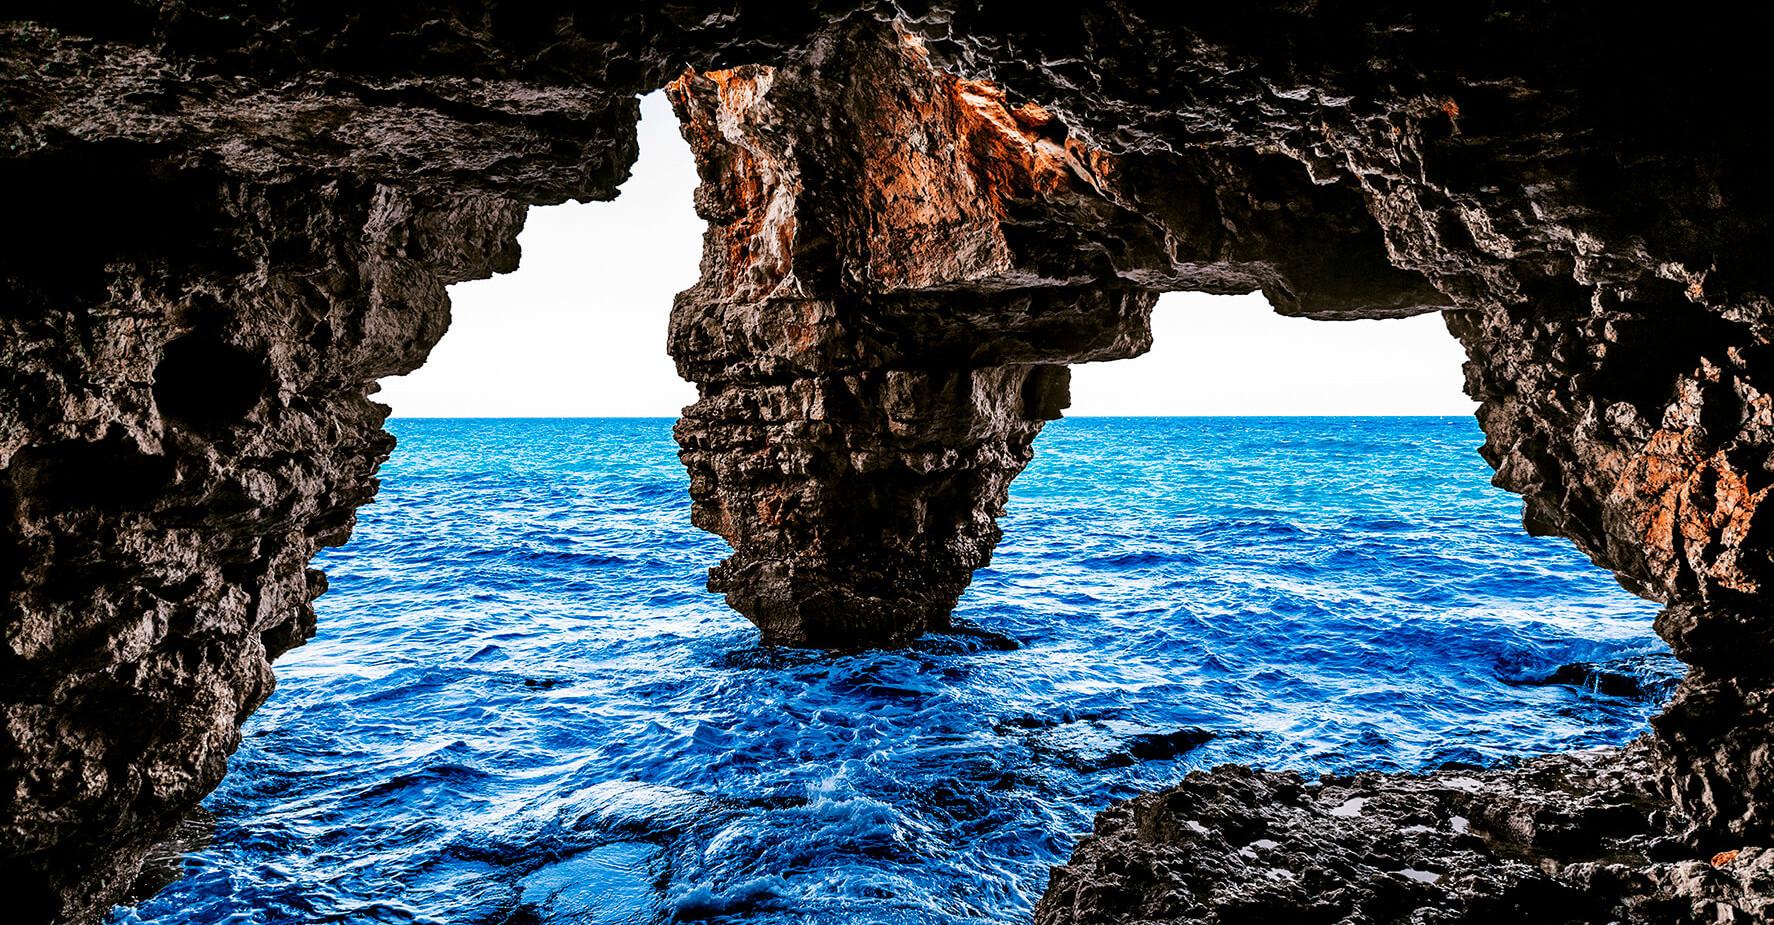 Spain - Cova dels Arcs